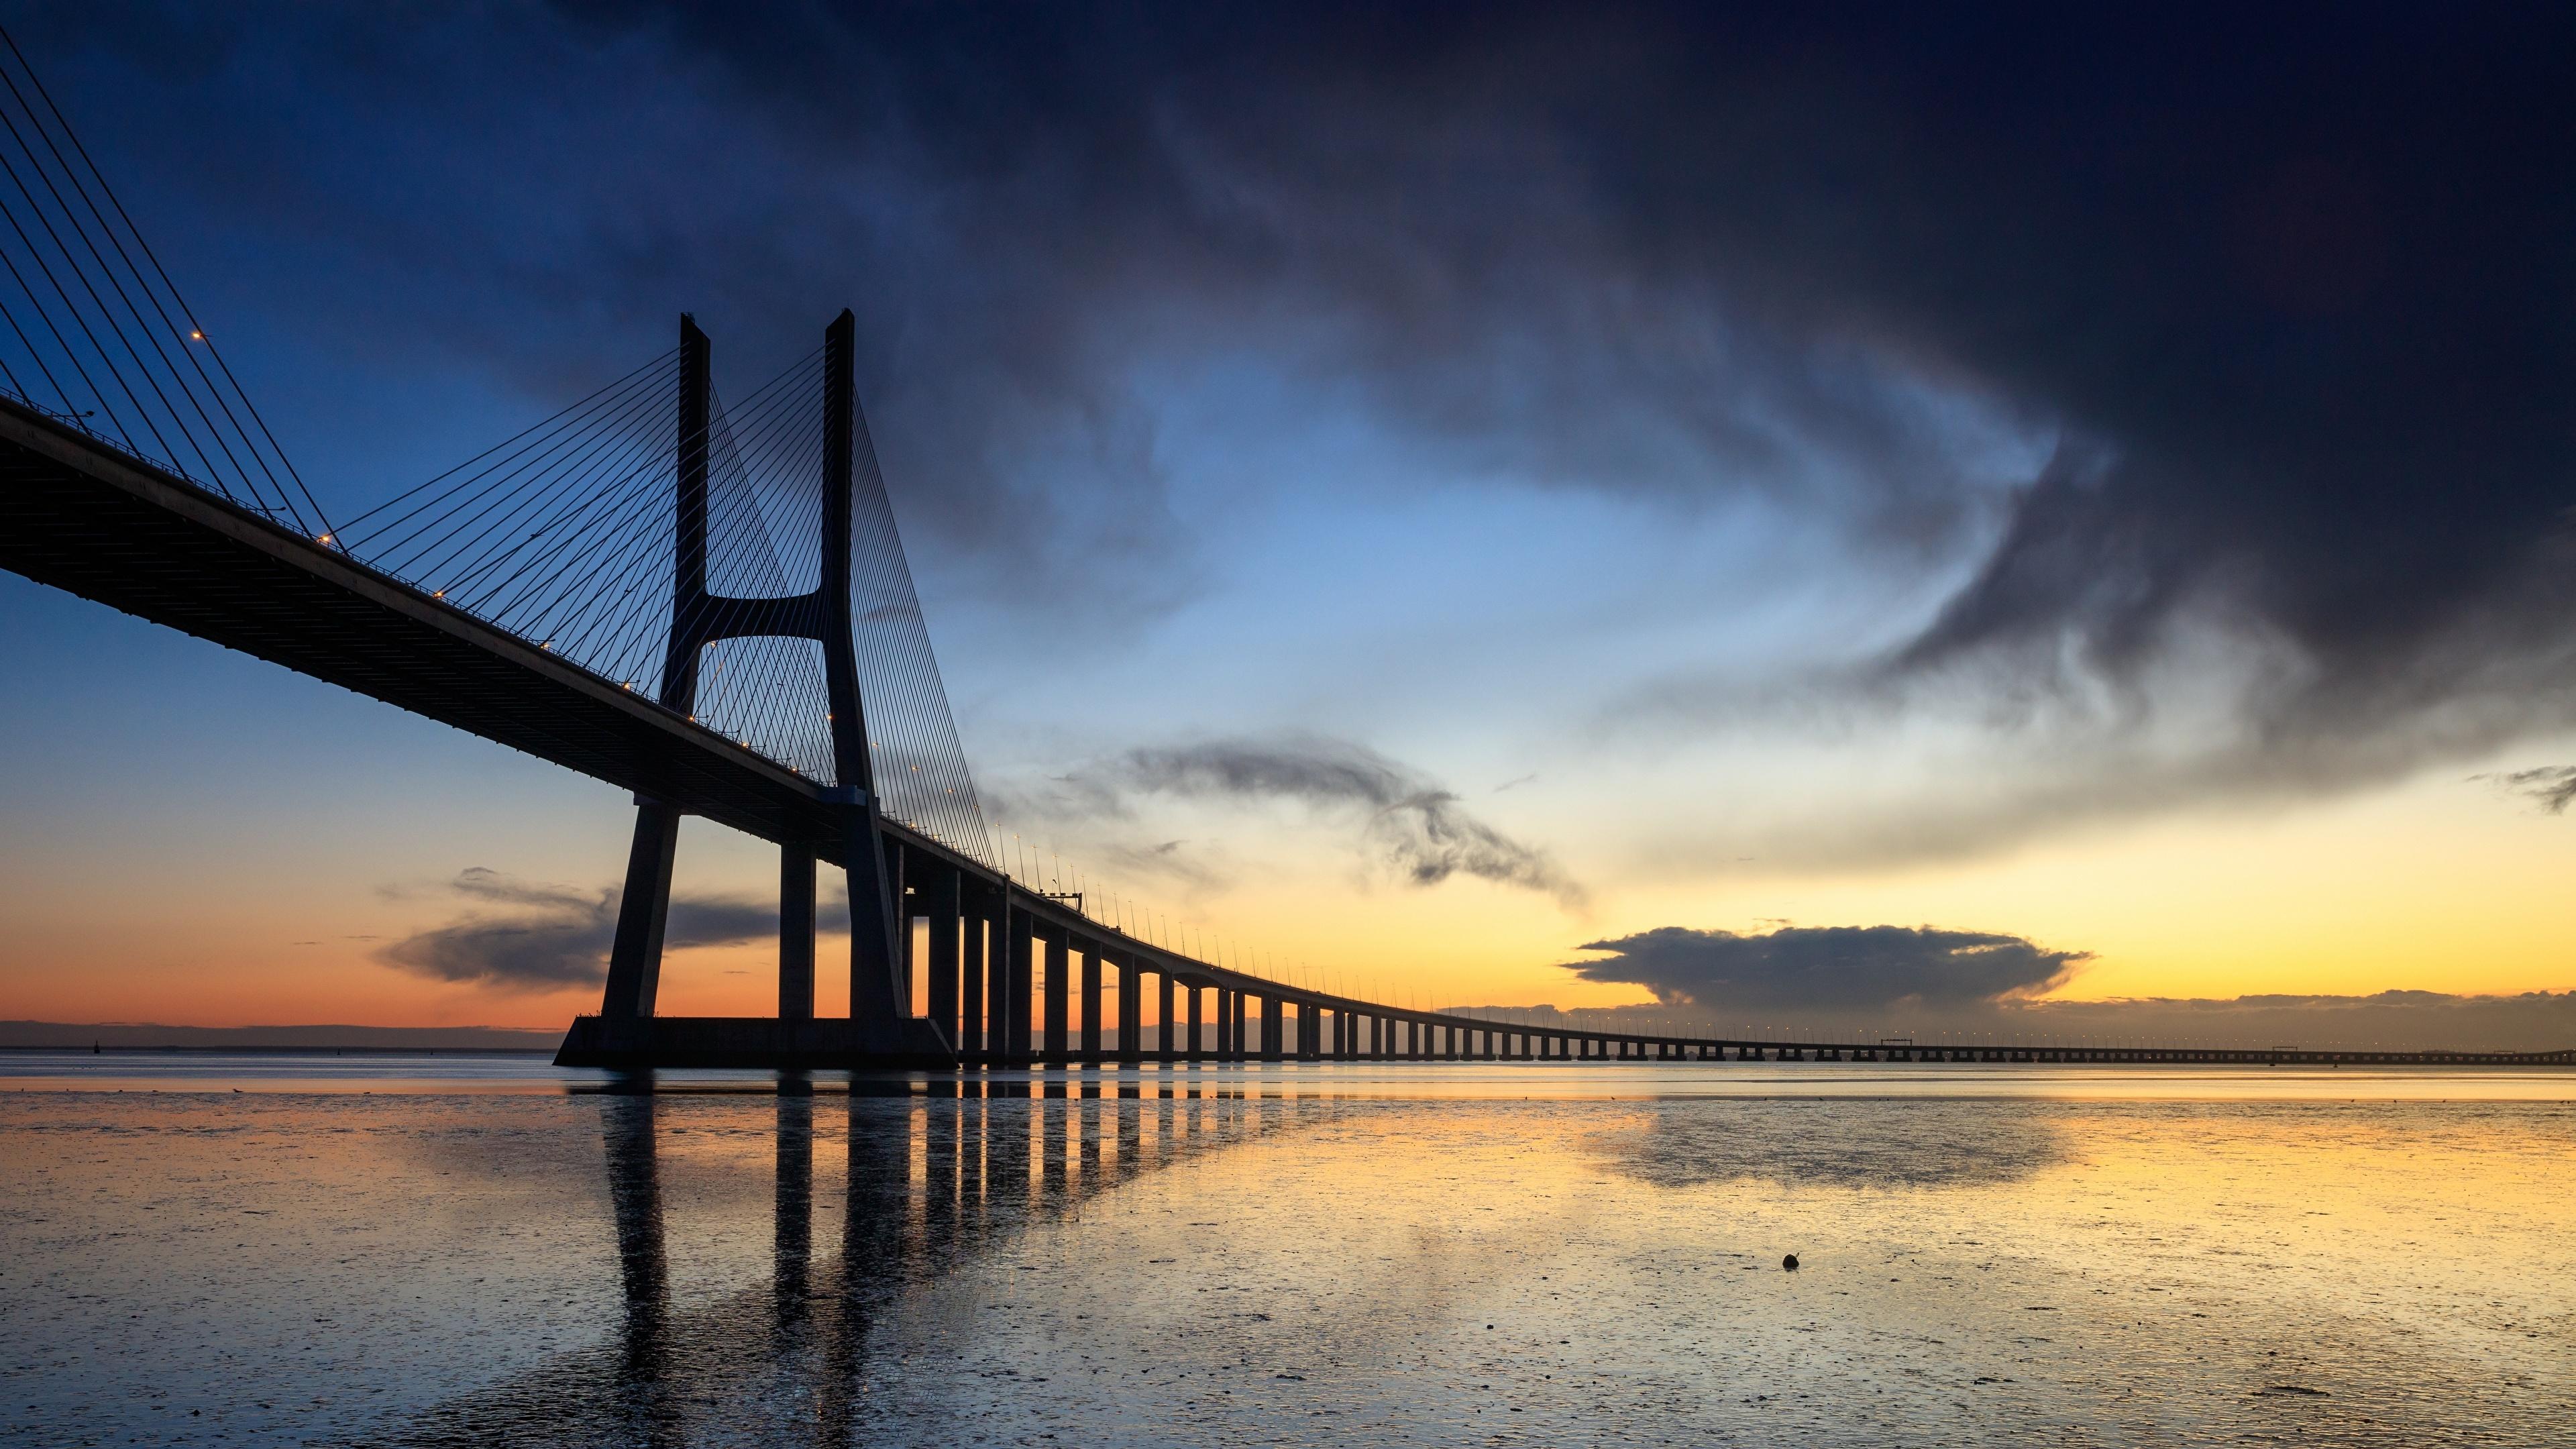 Pictures Portugal Vasco Da Gama Bridge Lisbon Bridges 3840x2160